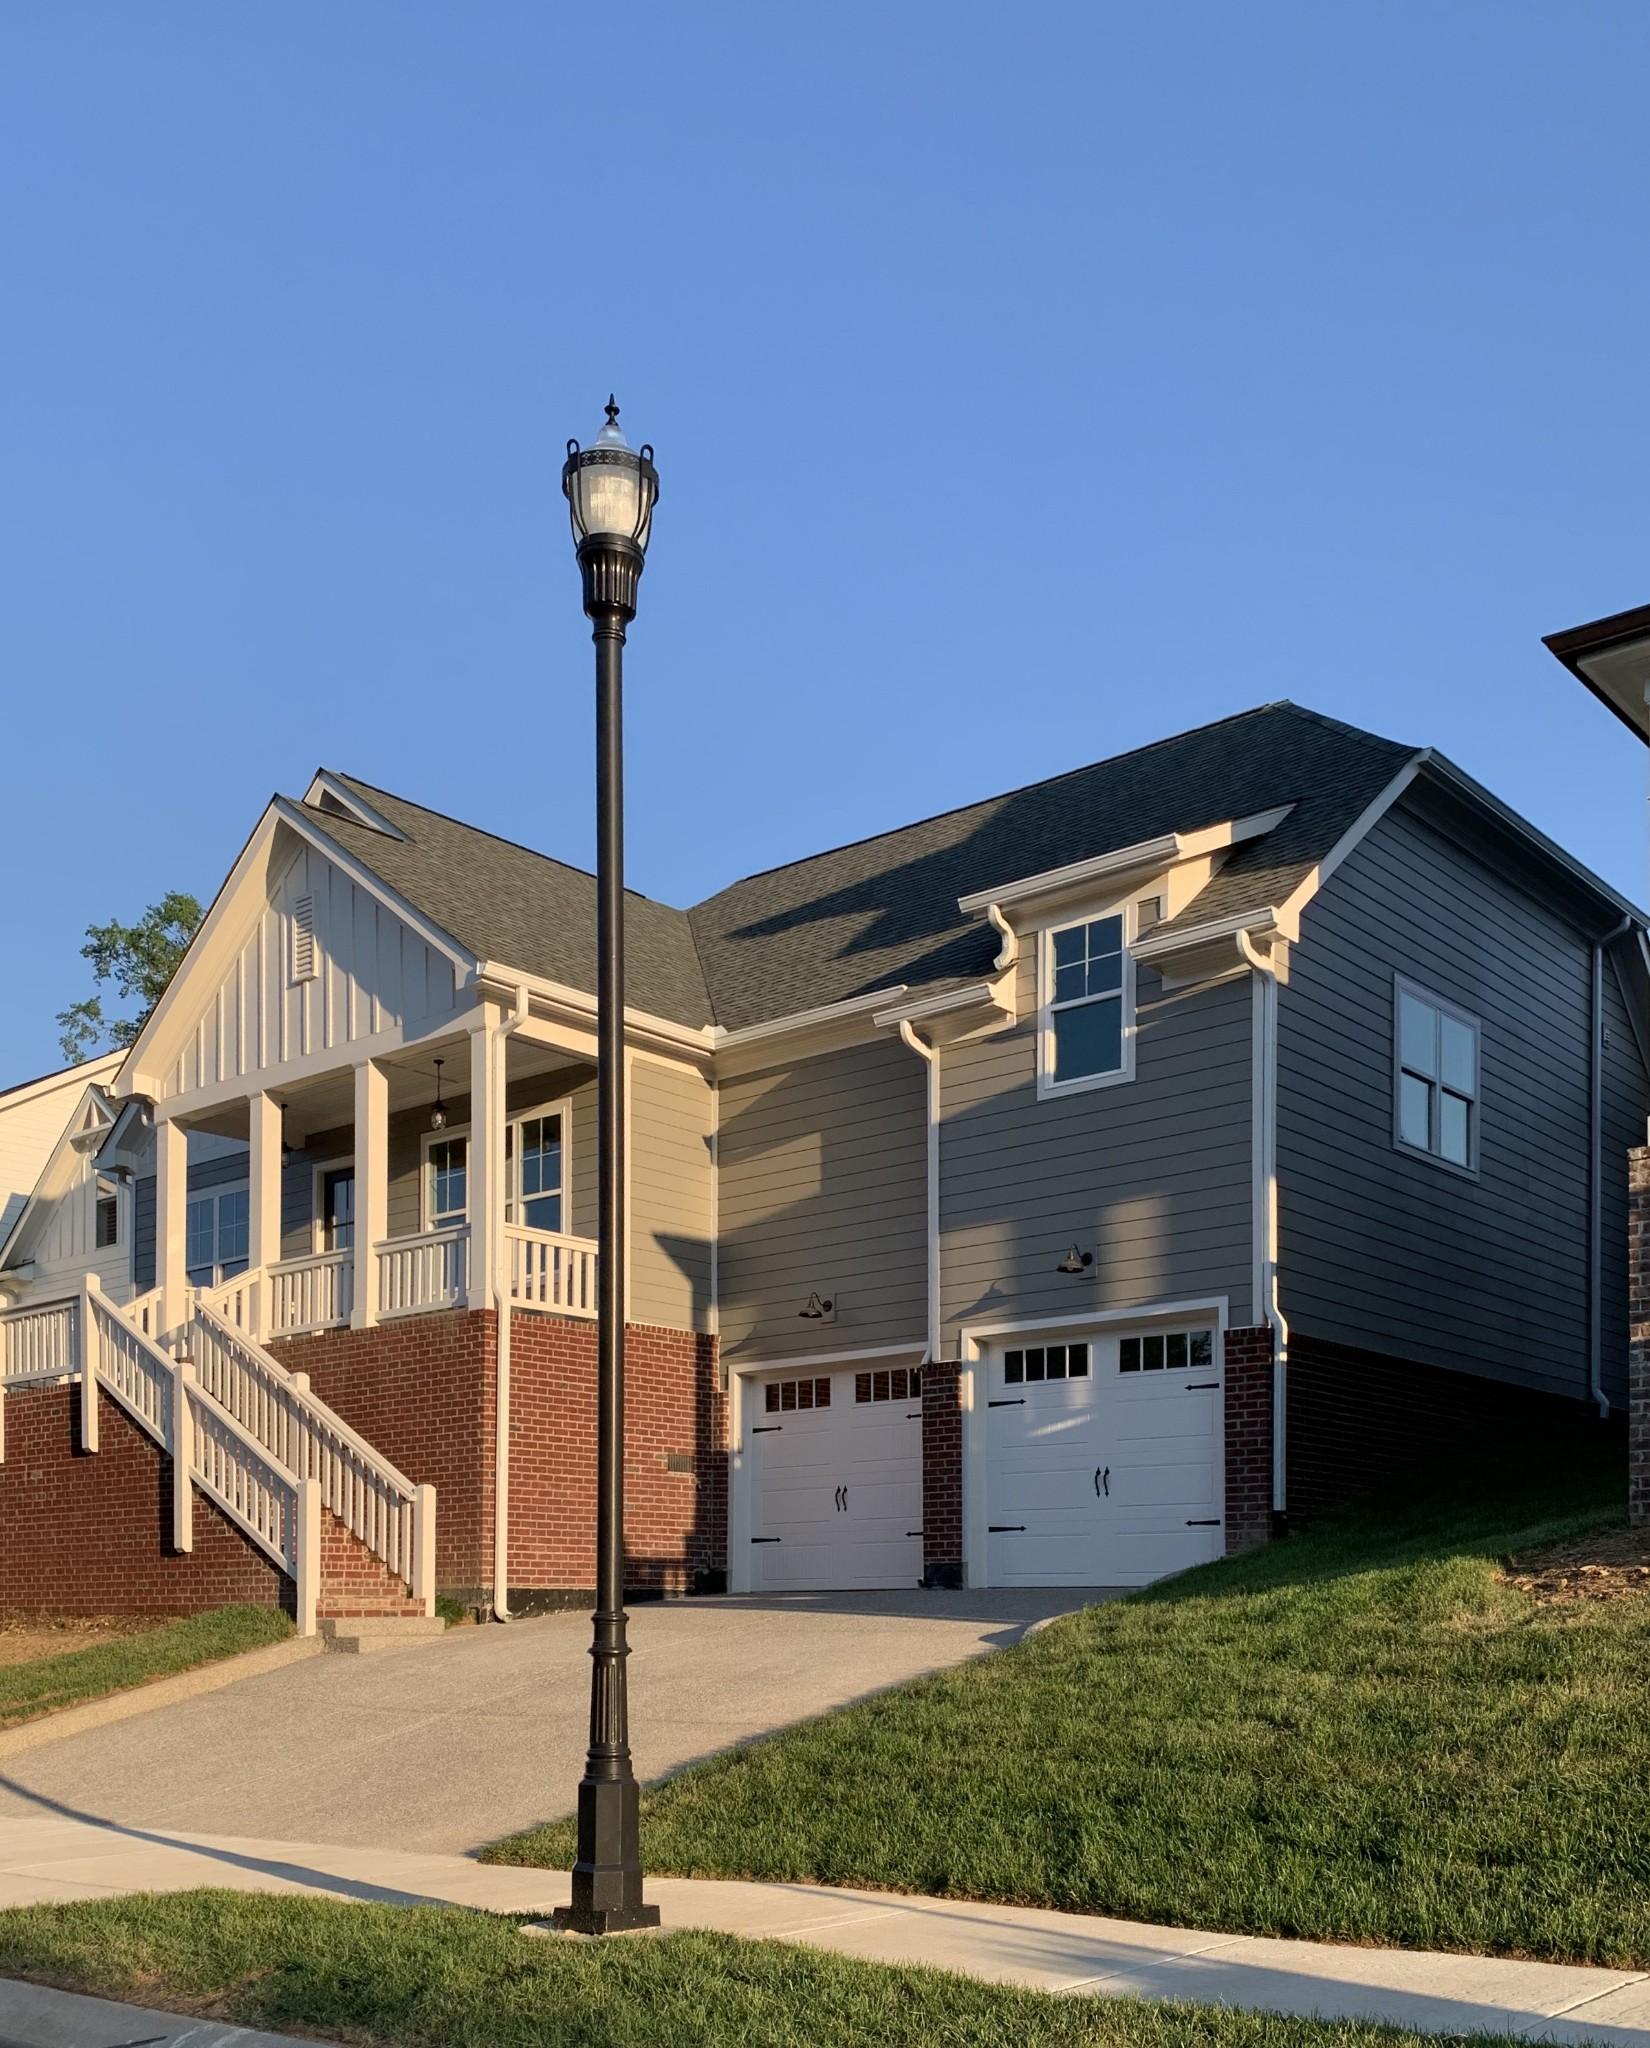 206 Rich Cir, Franklin, TN 37064 - Franklin, TN real estate listing